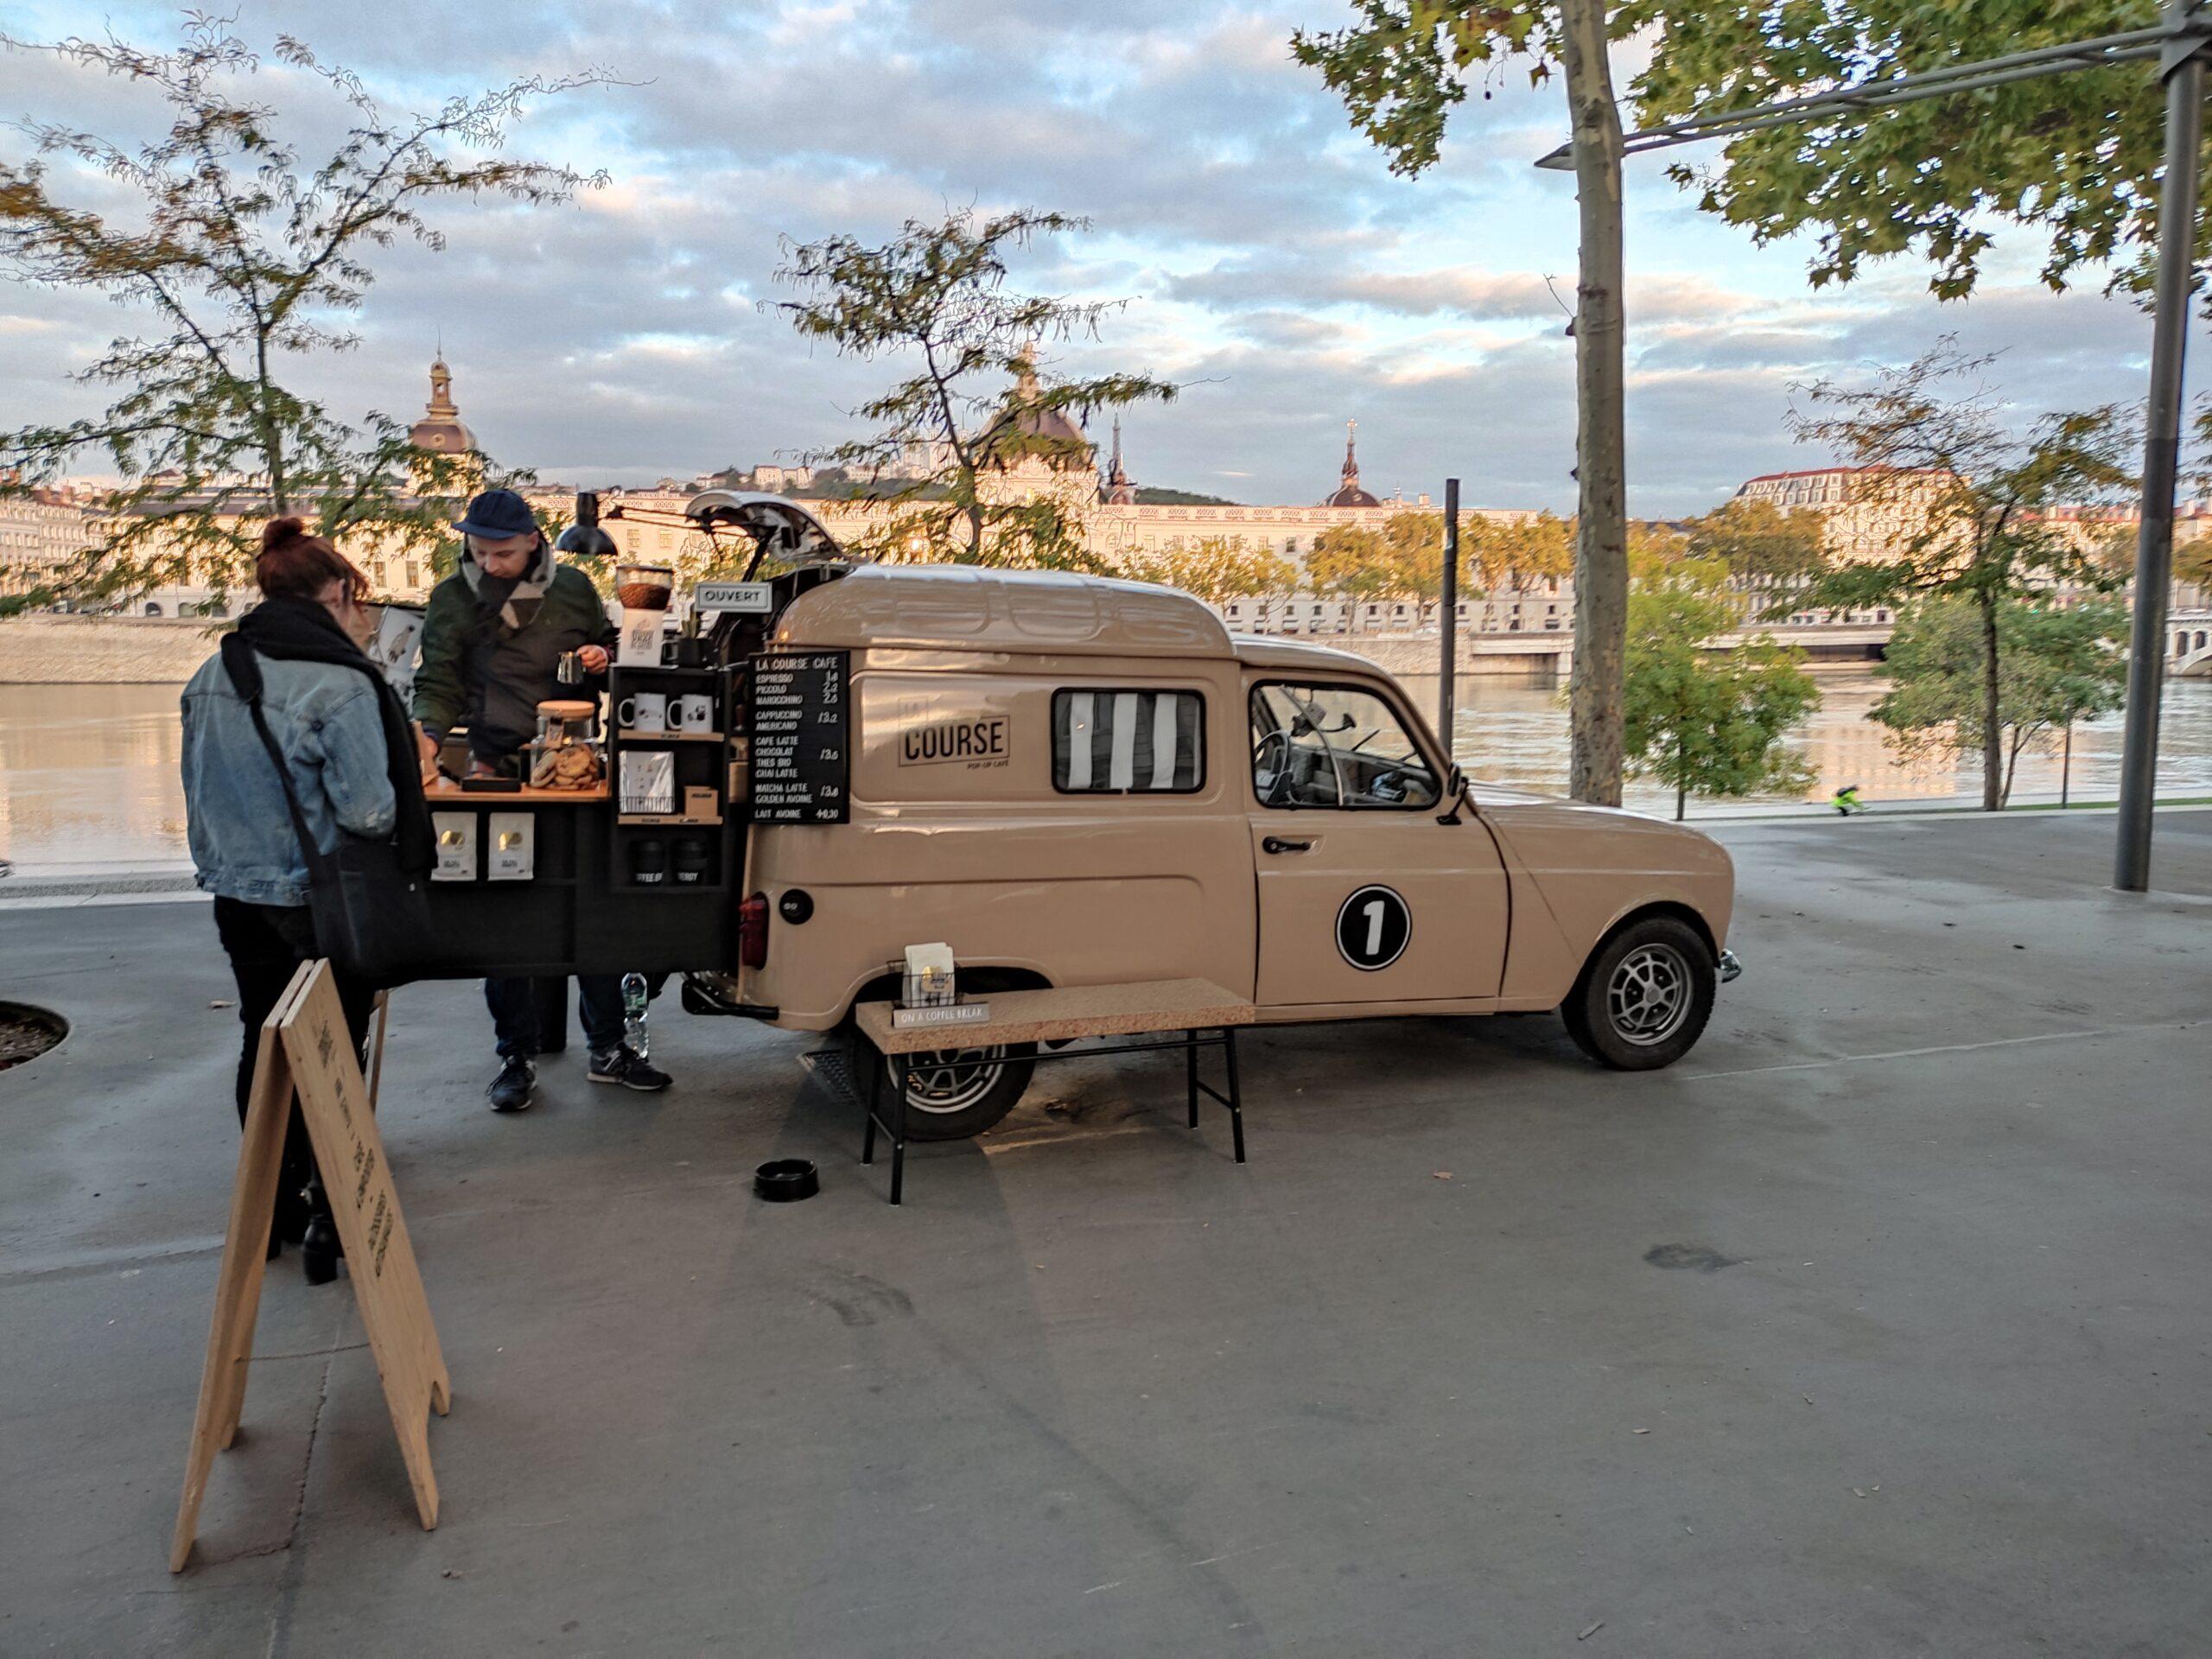 La Course café est présente du mardi au vendredi matin sur les quais Augagneur à Lyon. 7/10/2021 © Adèlia Paolillo